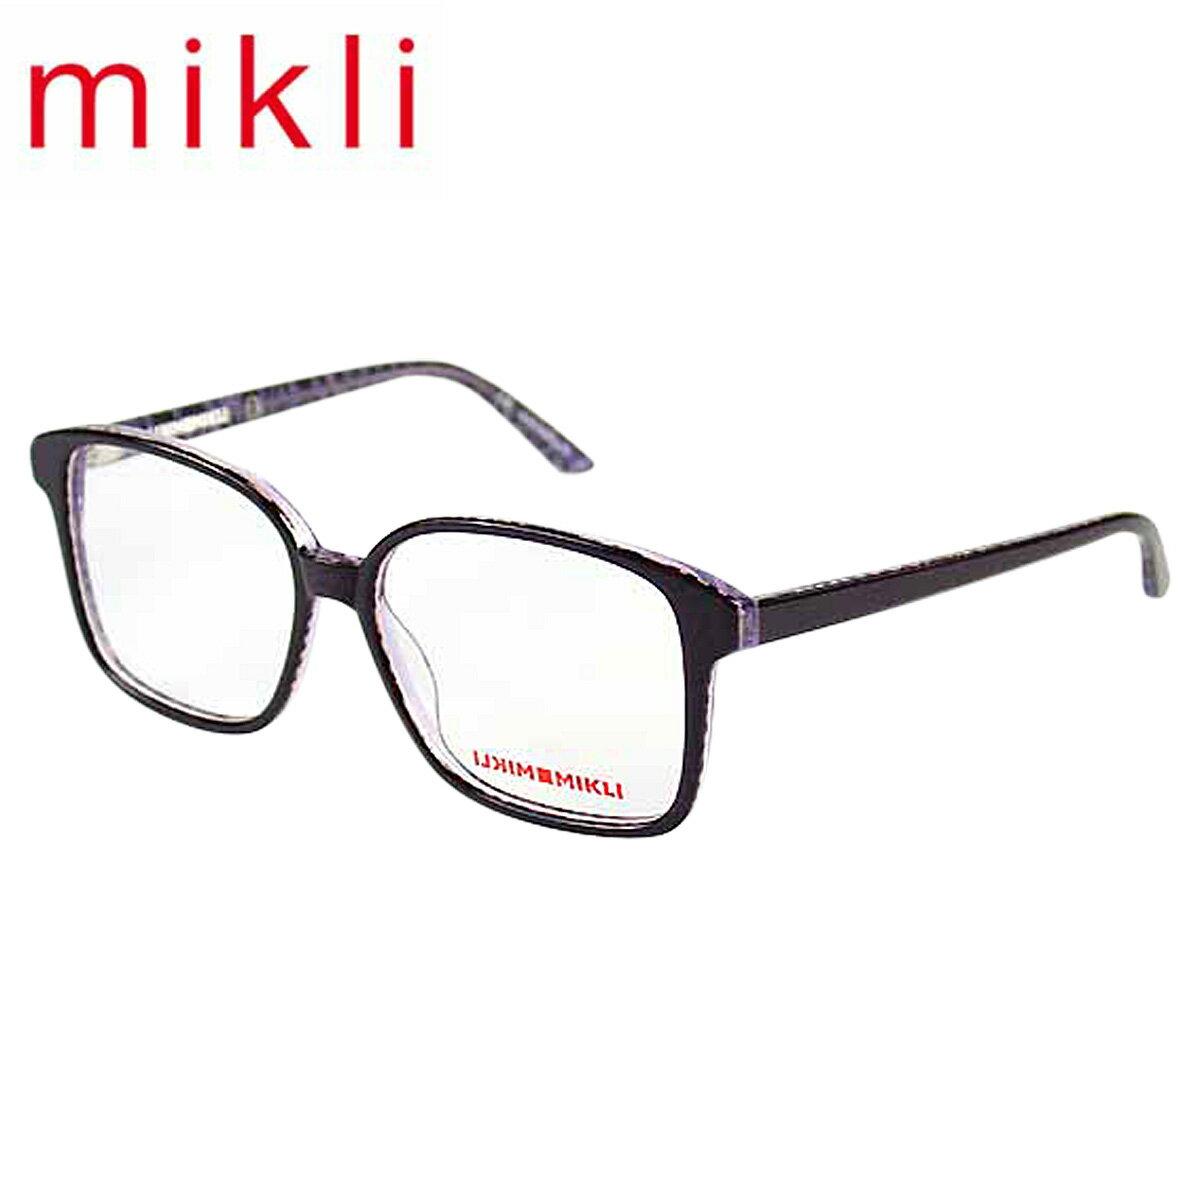 【最大2000円OFFクーポン ポイント最大32倍】 アランミクリ alain mikli メガネ 眼鏡 パープル ML1310 C002 セルフレーム サングラス メンズ レディース【返品不可】